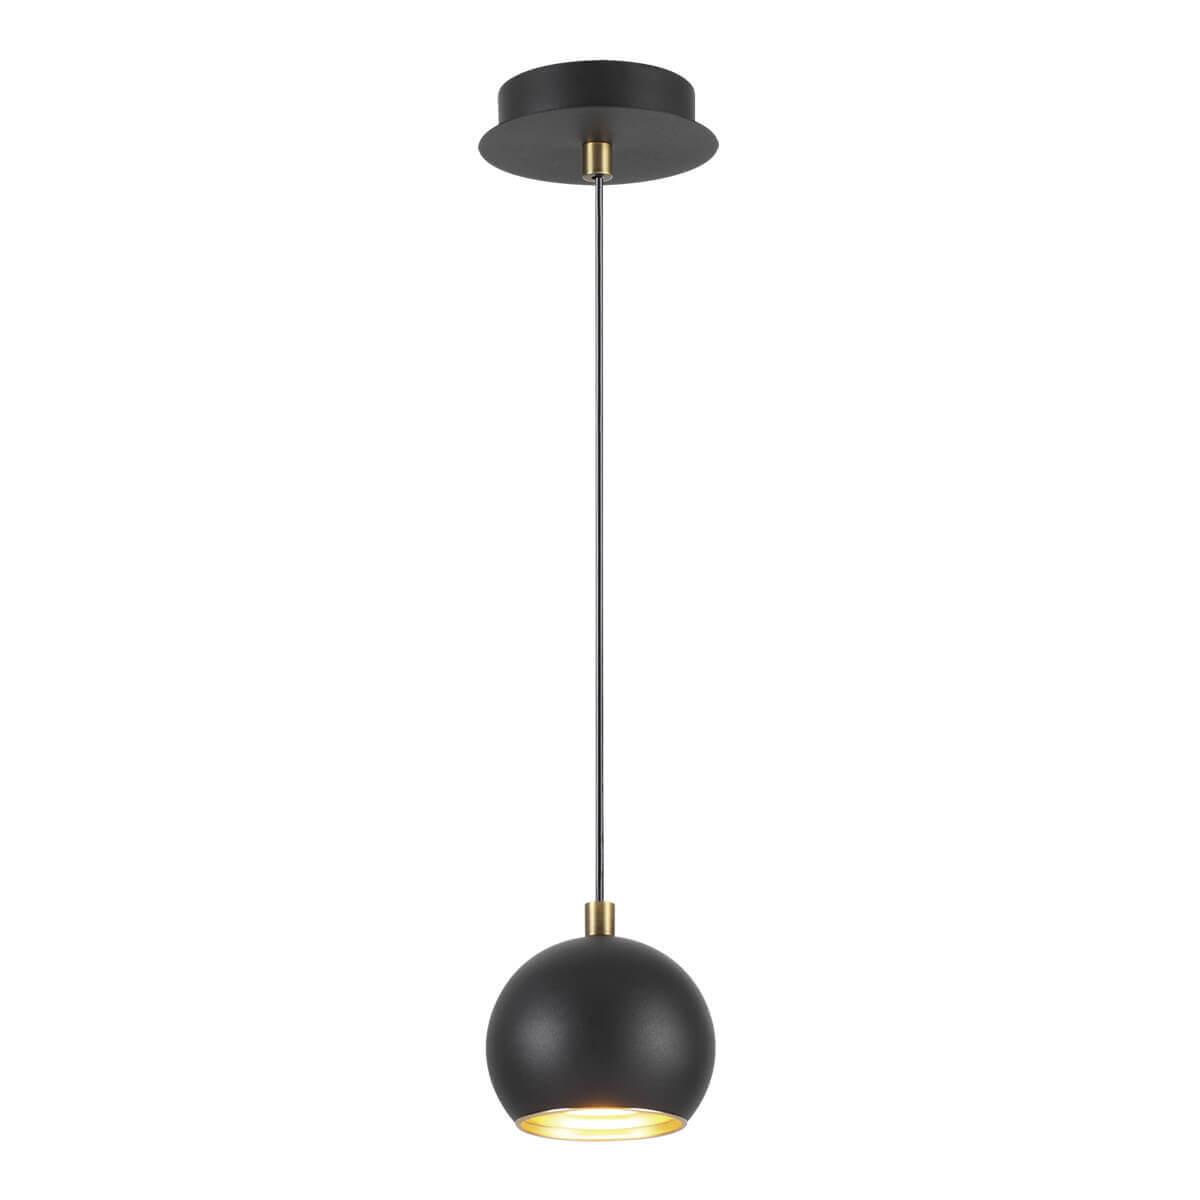 Подвесной светильник Lumion Neruni 3635/1 lumion подвесной светильник lumion neruni 3635 1